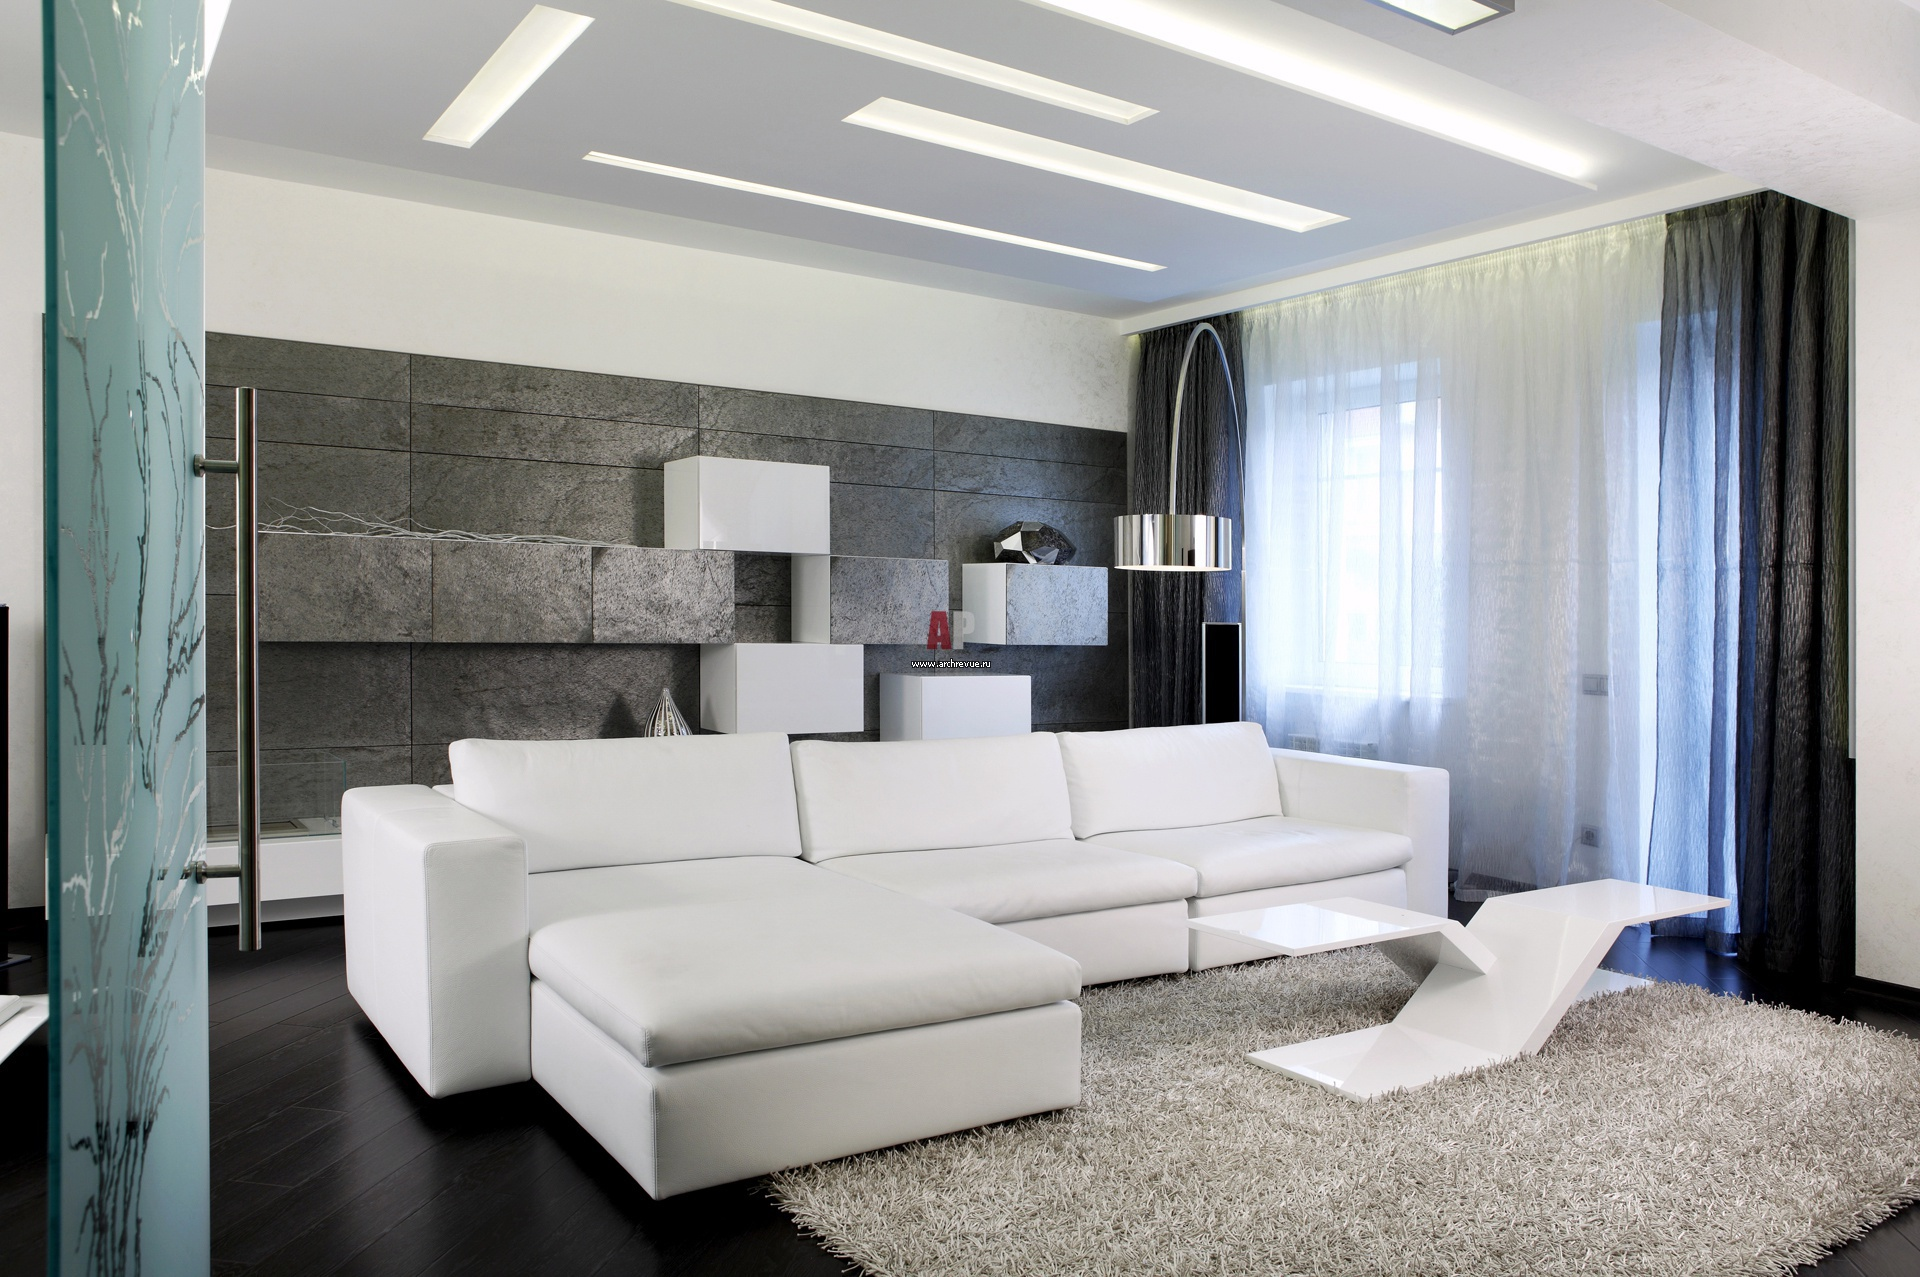 Дизайн зала с белым диваном